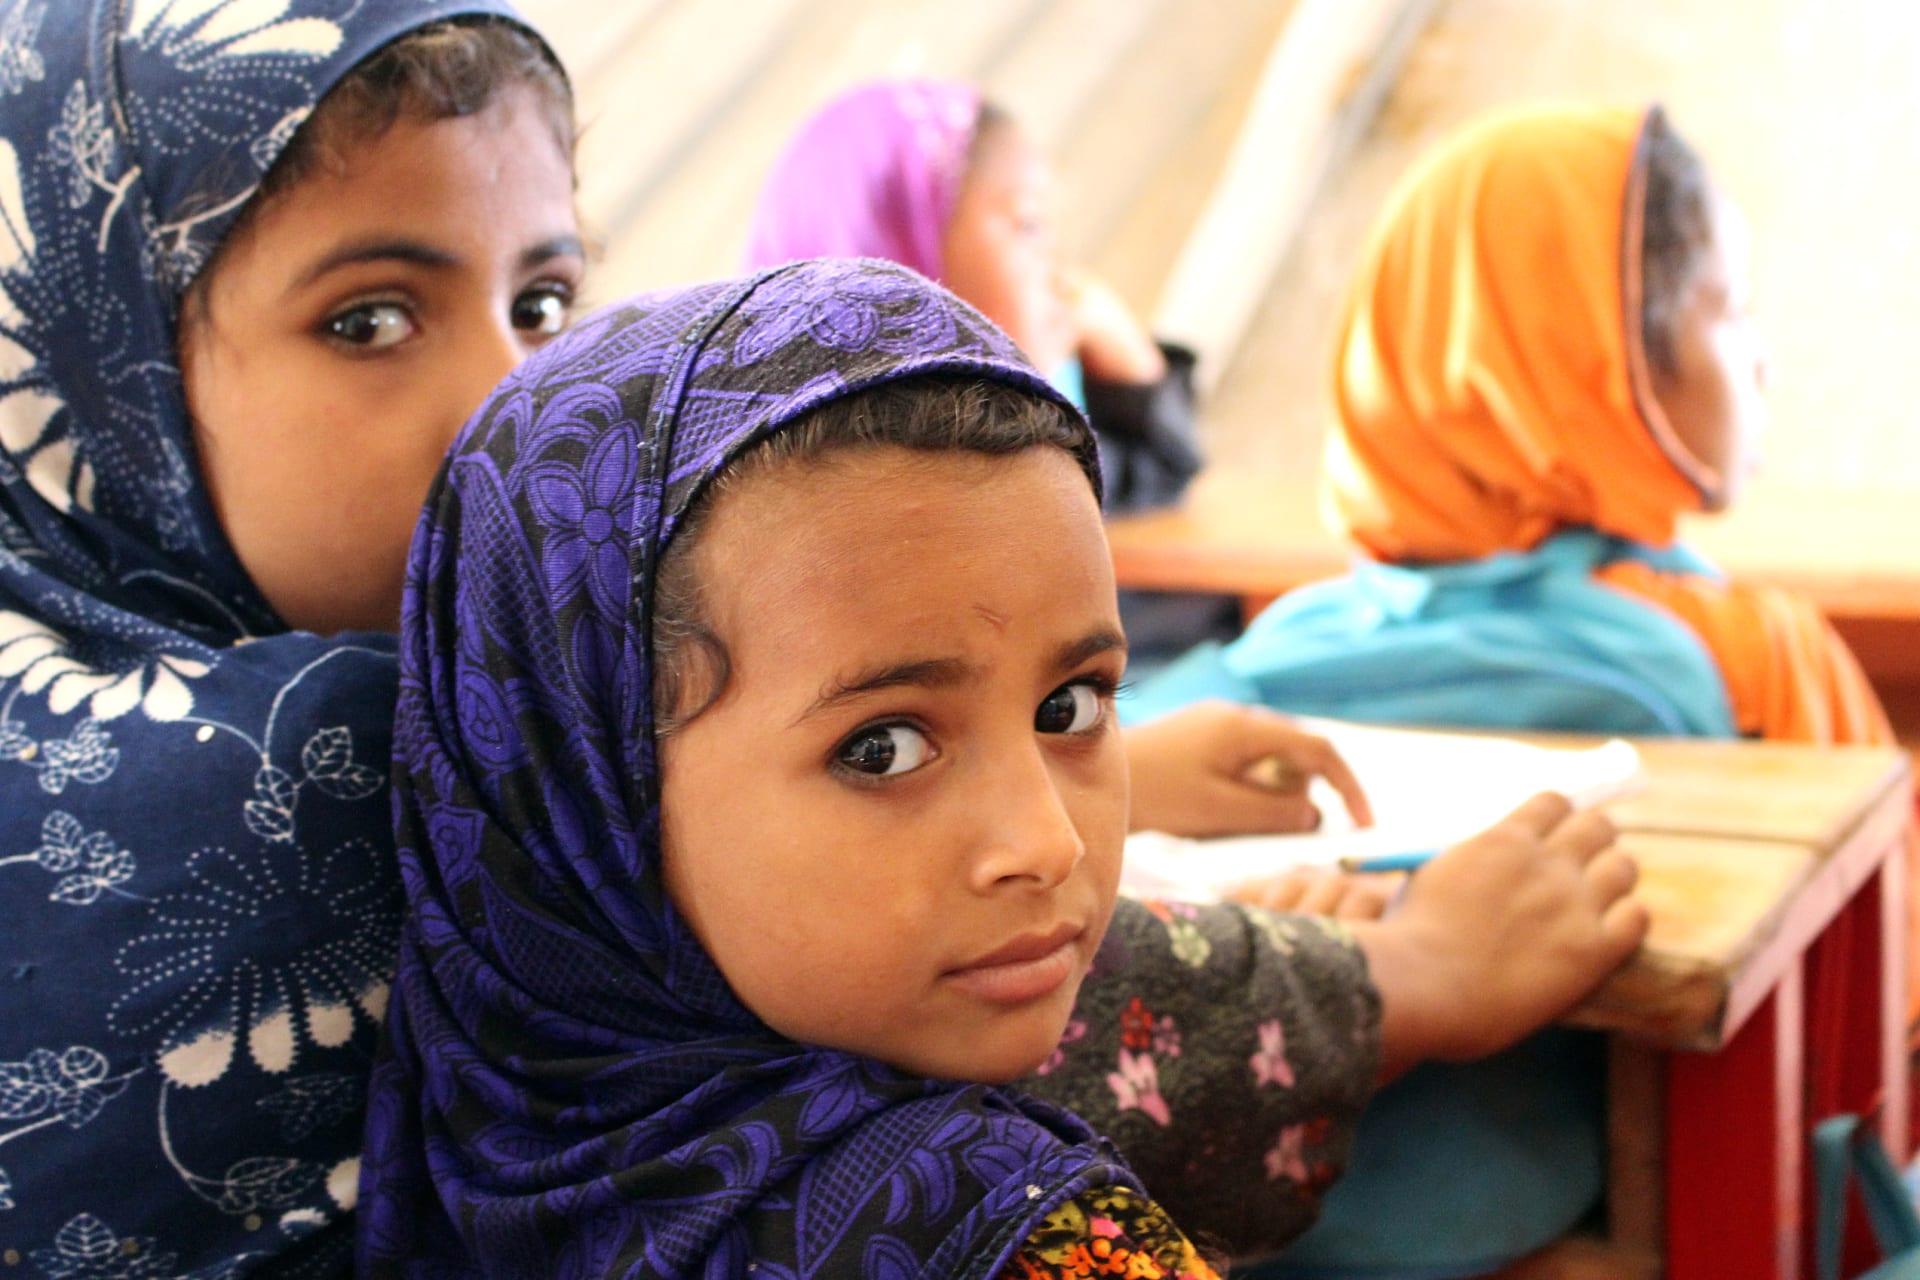 الأمم المتحدة: 22 مليون شخص يحتاجون المساعدة في اليمن